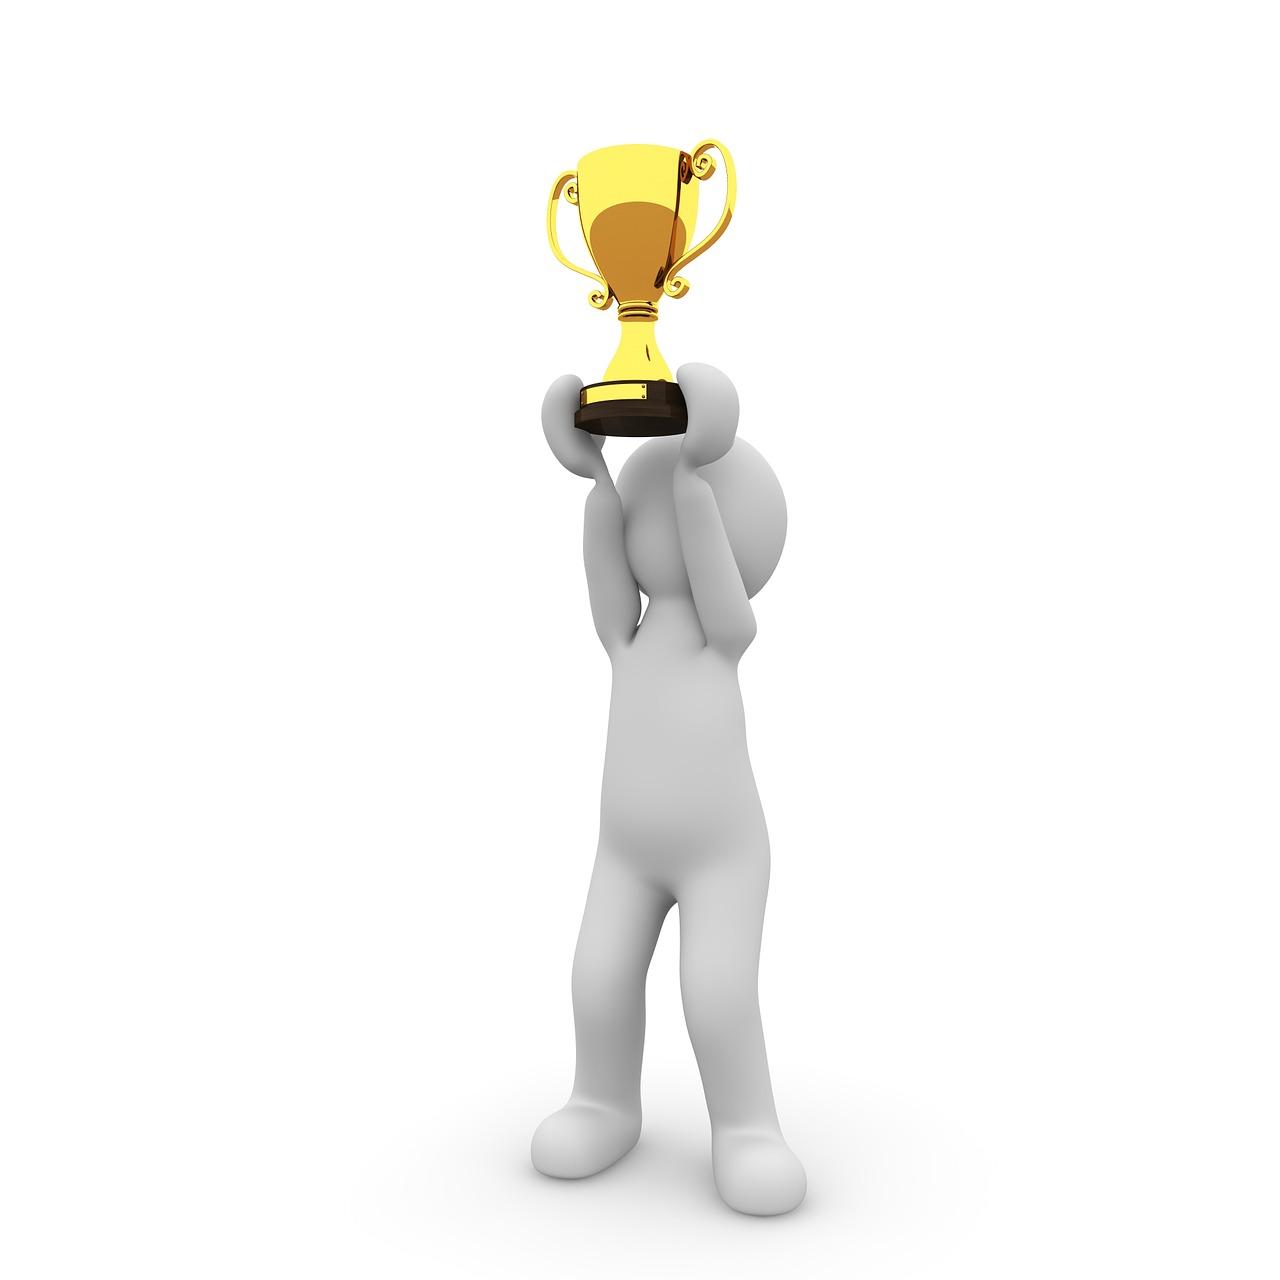 Dlaczego warto brać udział w konkursach internetowych?